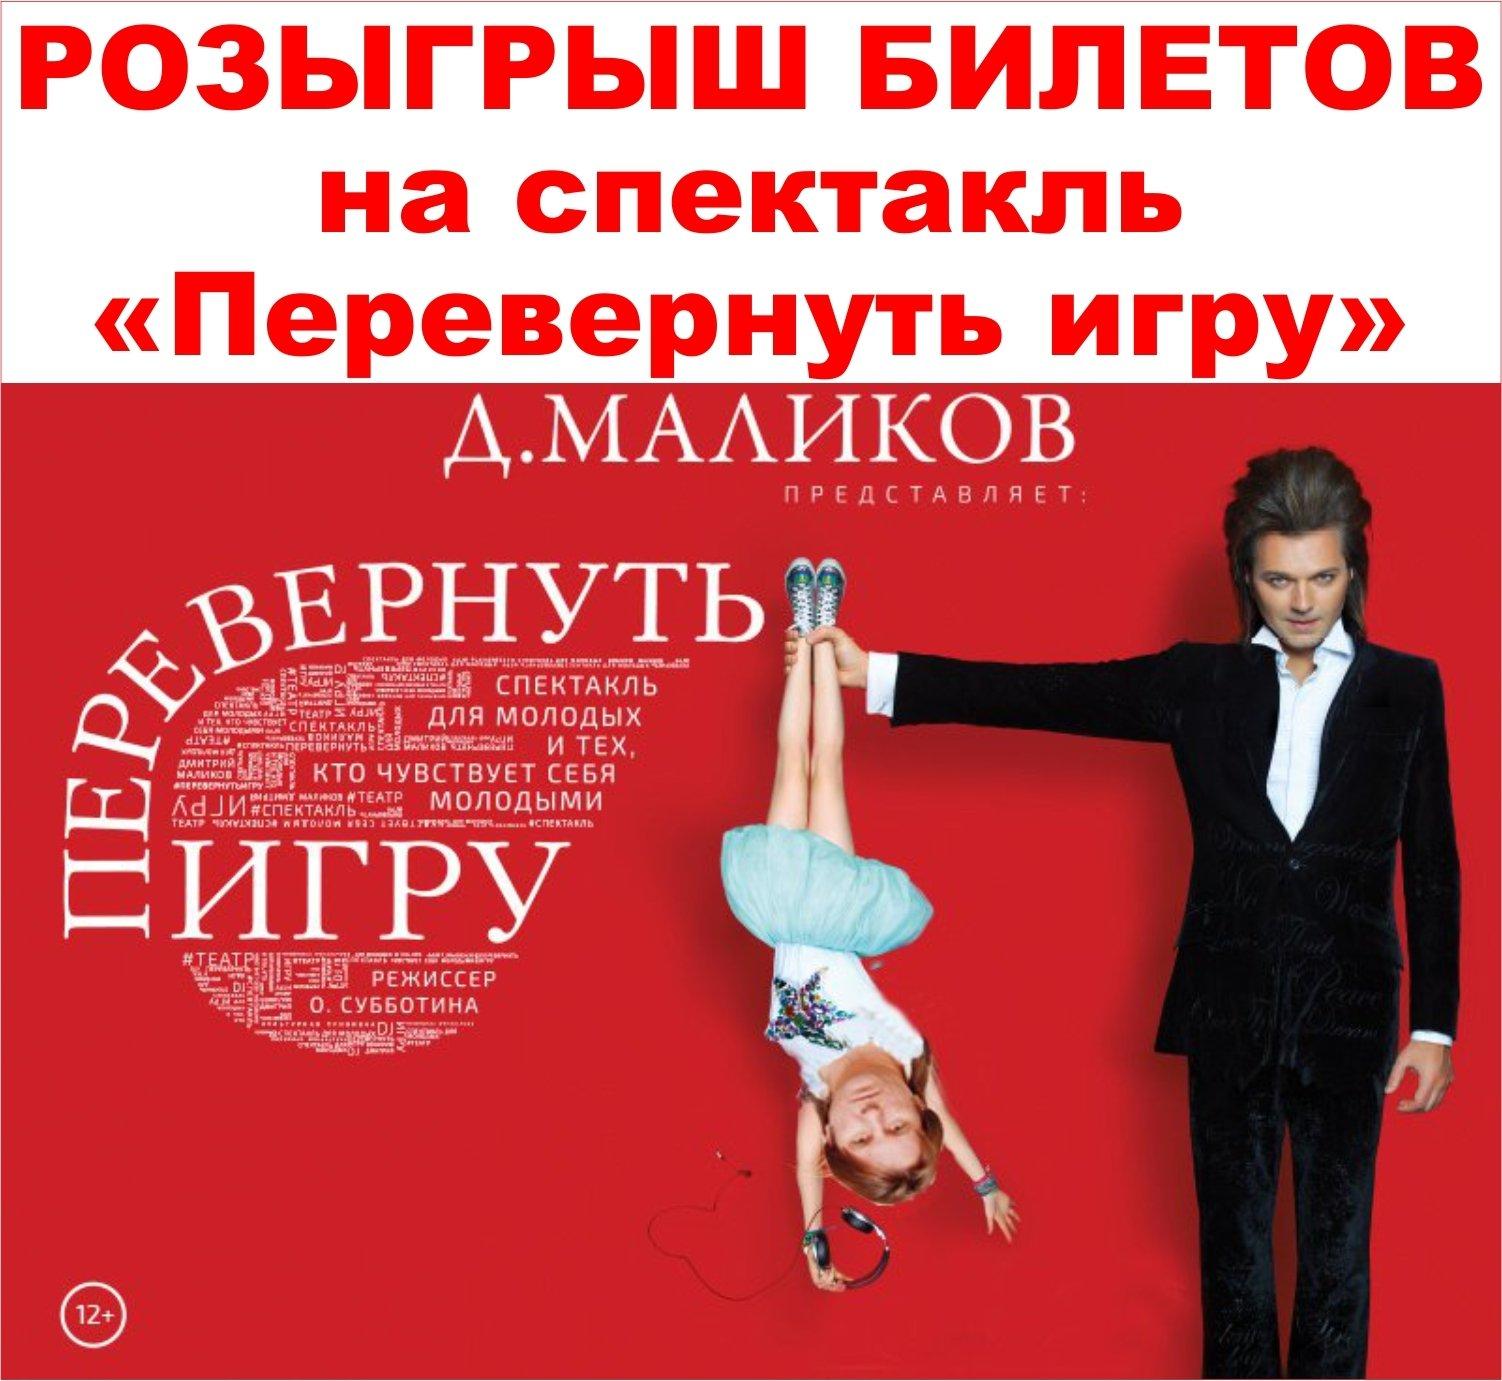 Билеты на спектакль Своими руками в Москве в Театральном 21